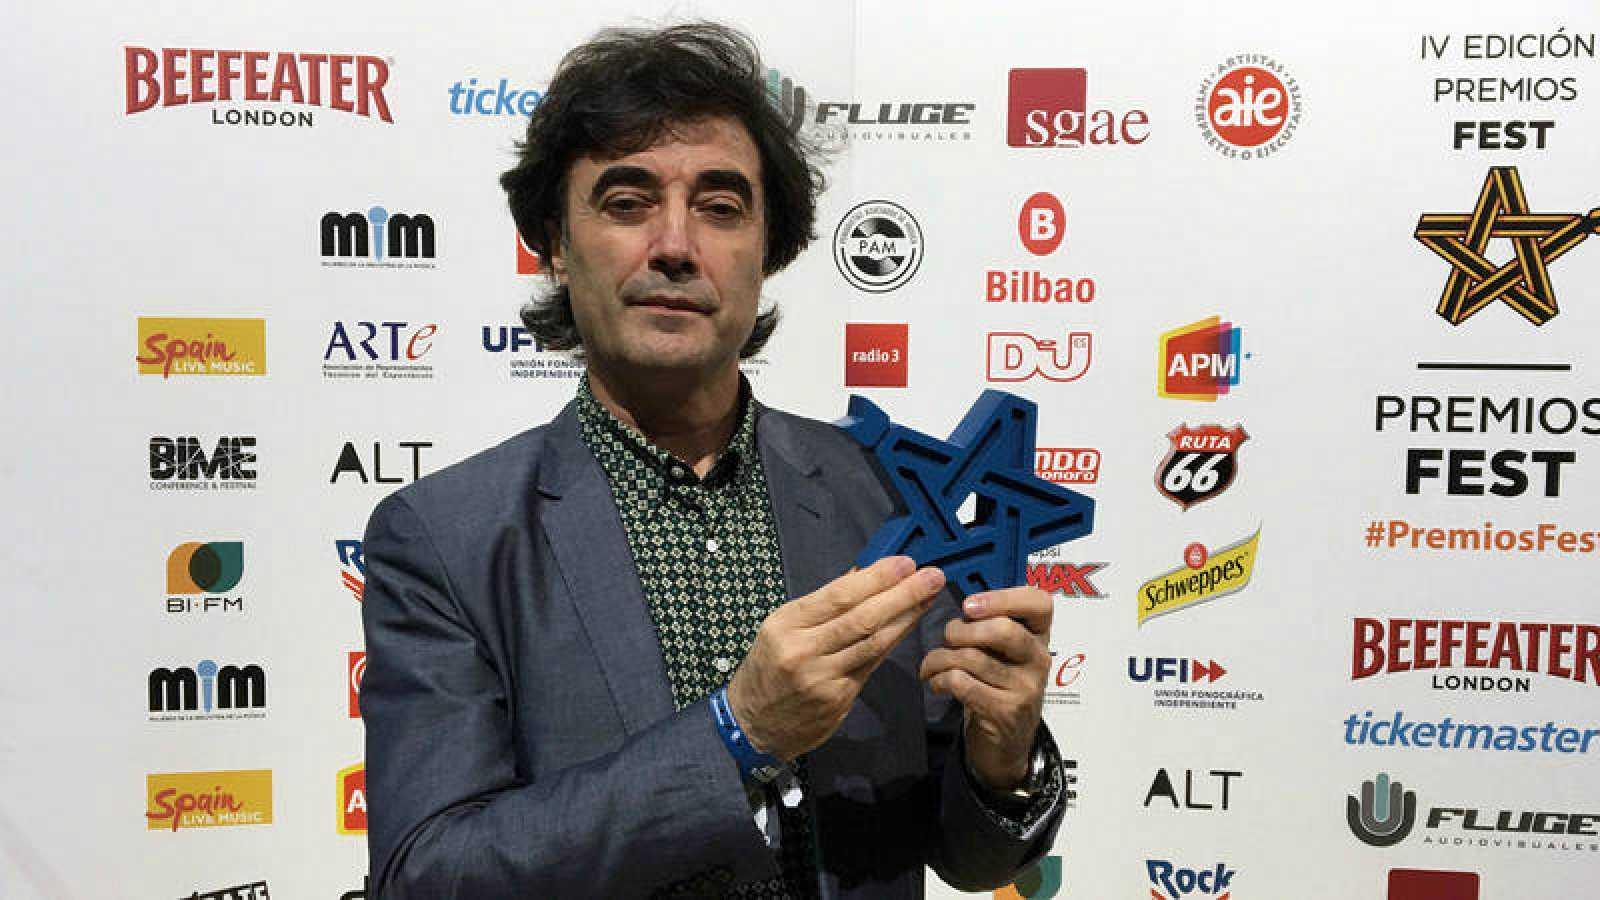 Tomás Fdo. Flores posa con el cuarto Premio Fest consecutivo que consigue Radio 3